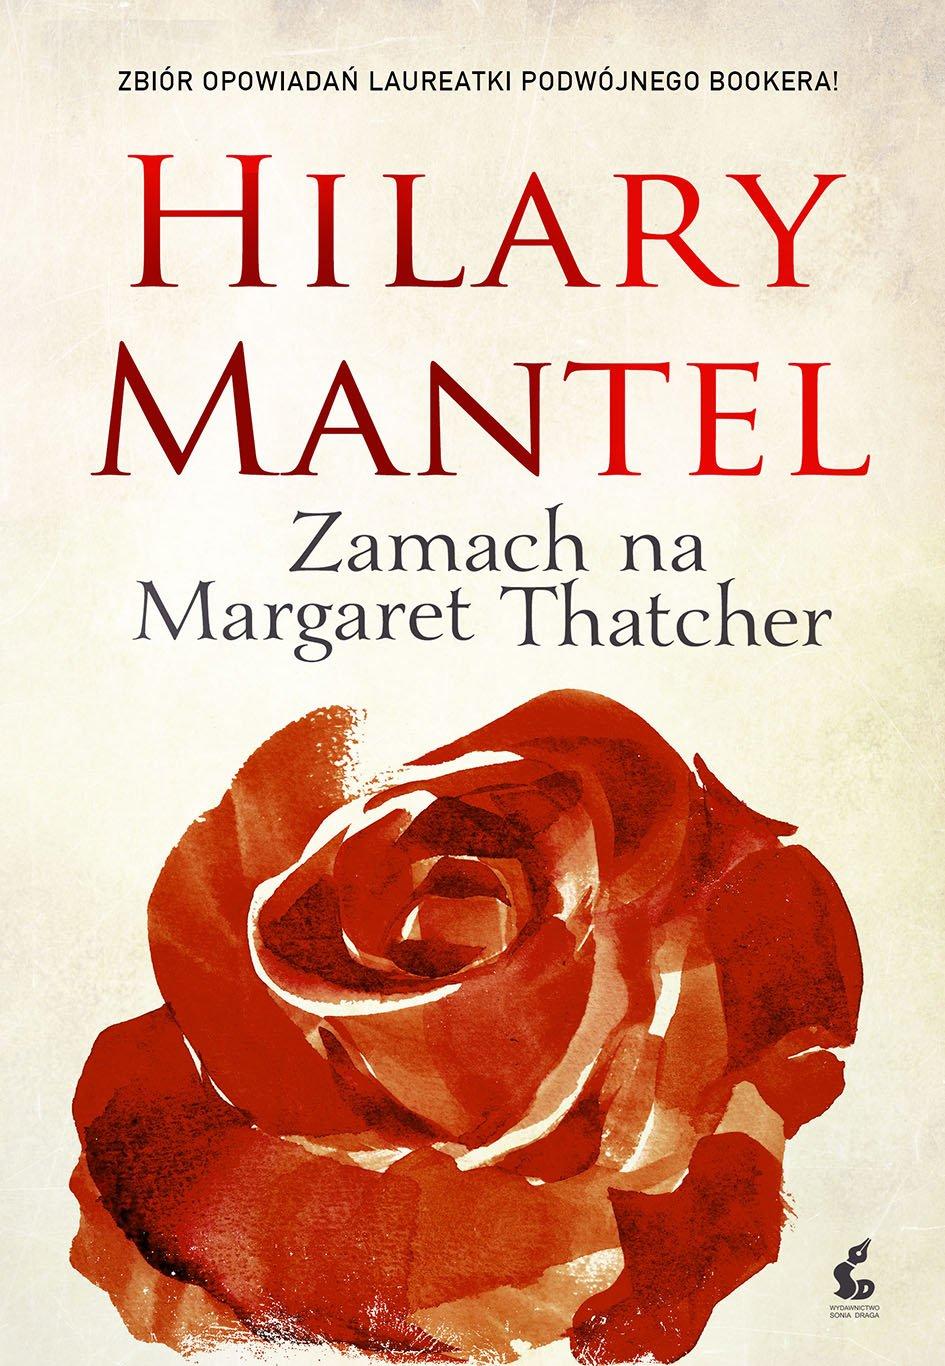 Zamach na Margaret Thatcher - Ebook (Książka EPUB) do pobrania w formacie EPUB